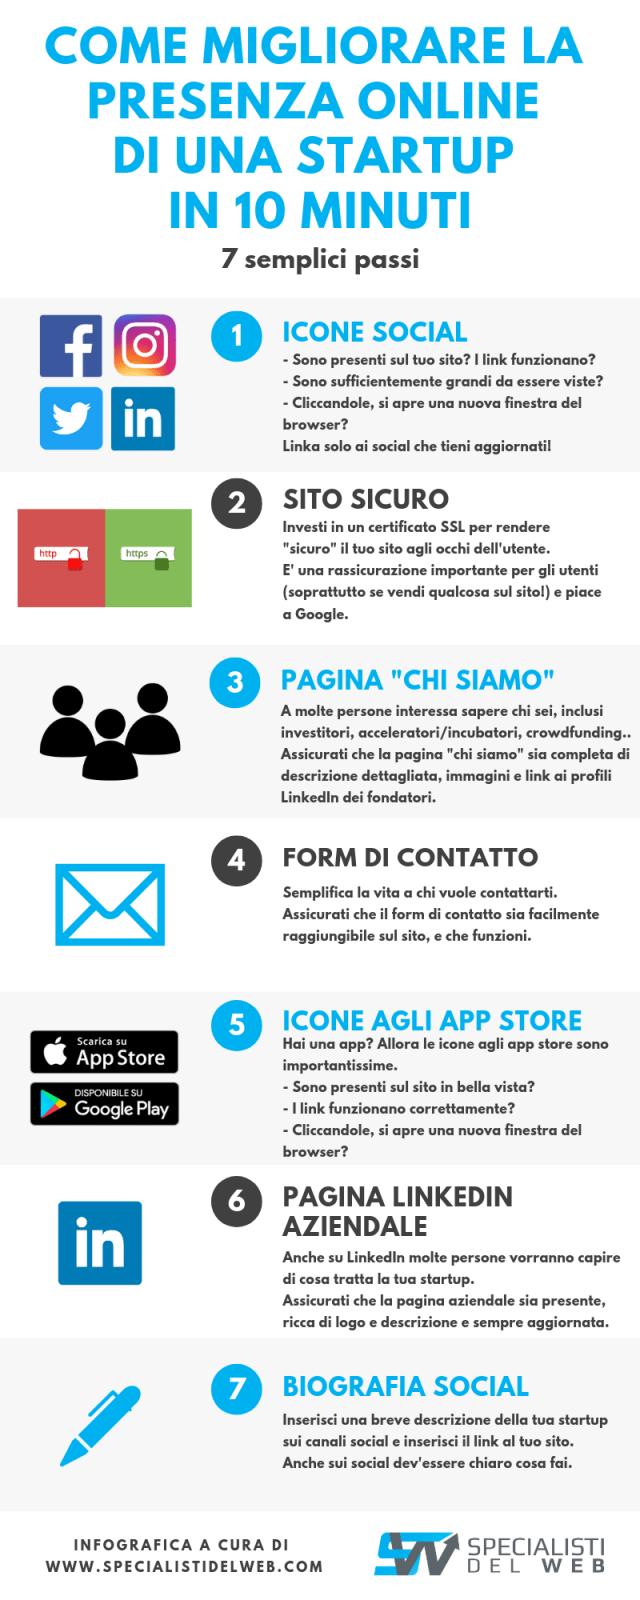 infografica migliorare presenza online startup